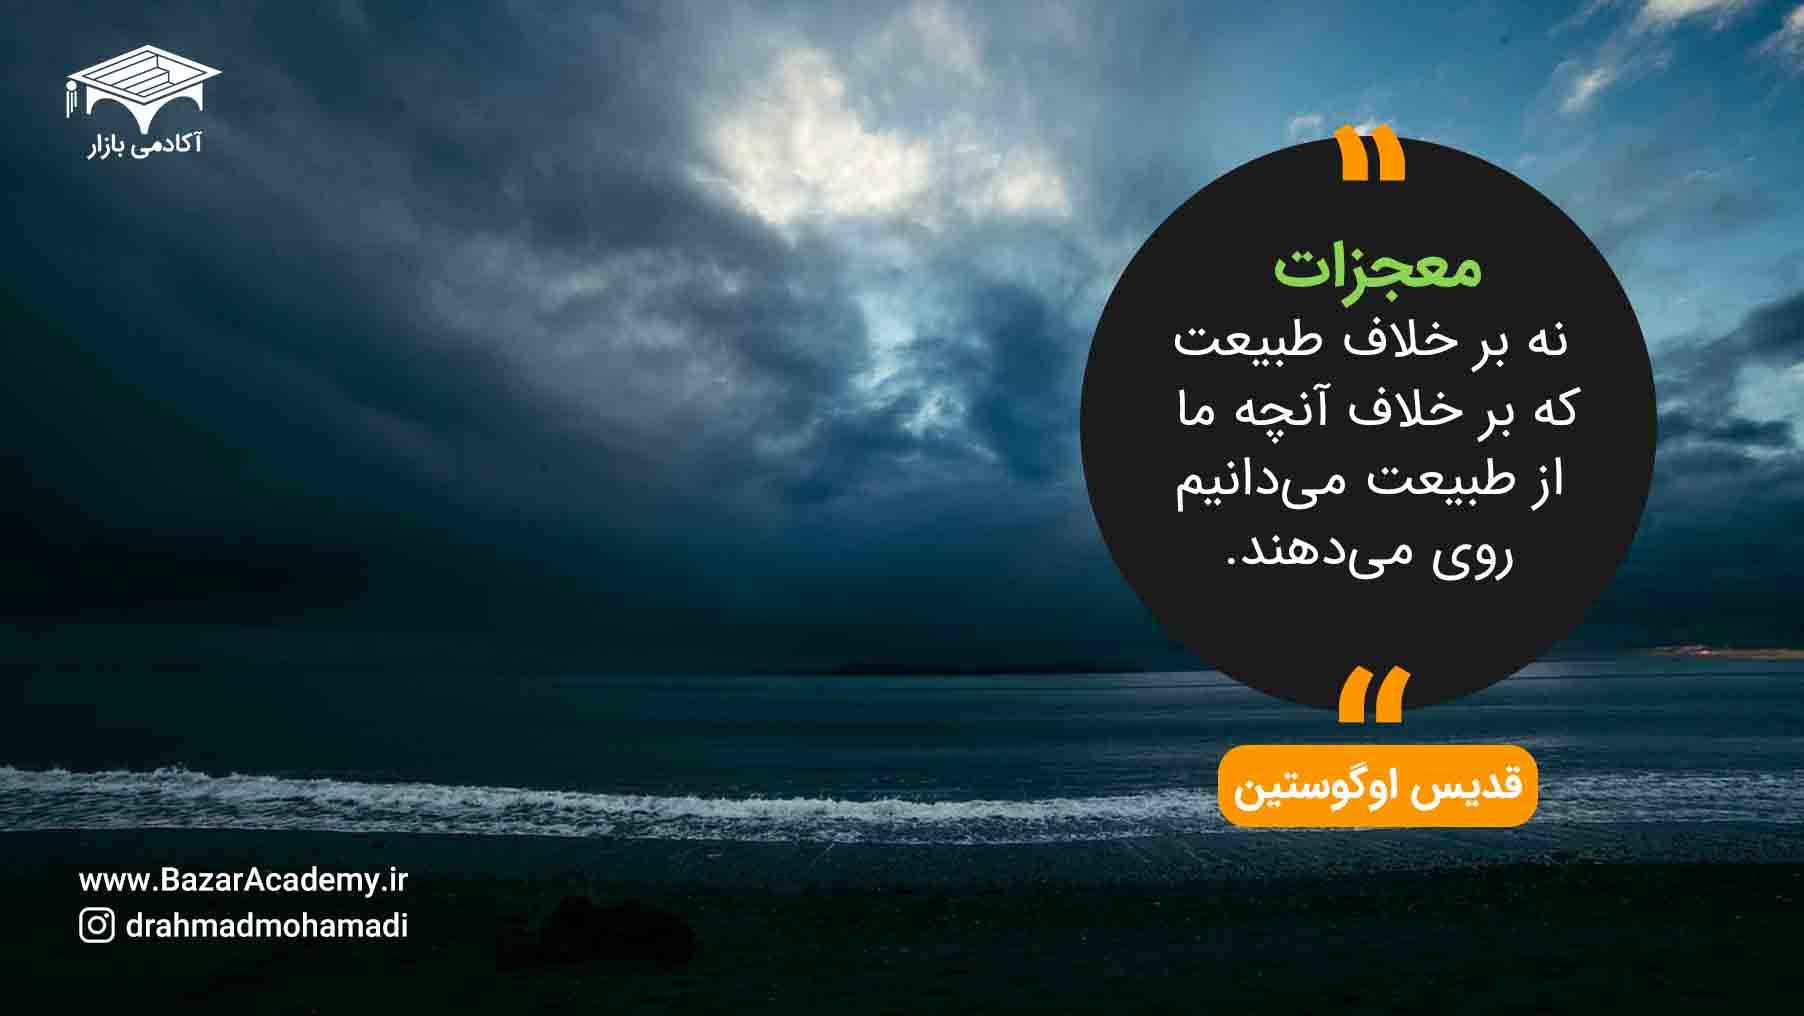 باورهایی که در نگرشهای خود آنها را تجسم میبخشیم